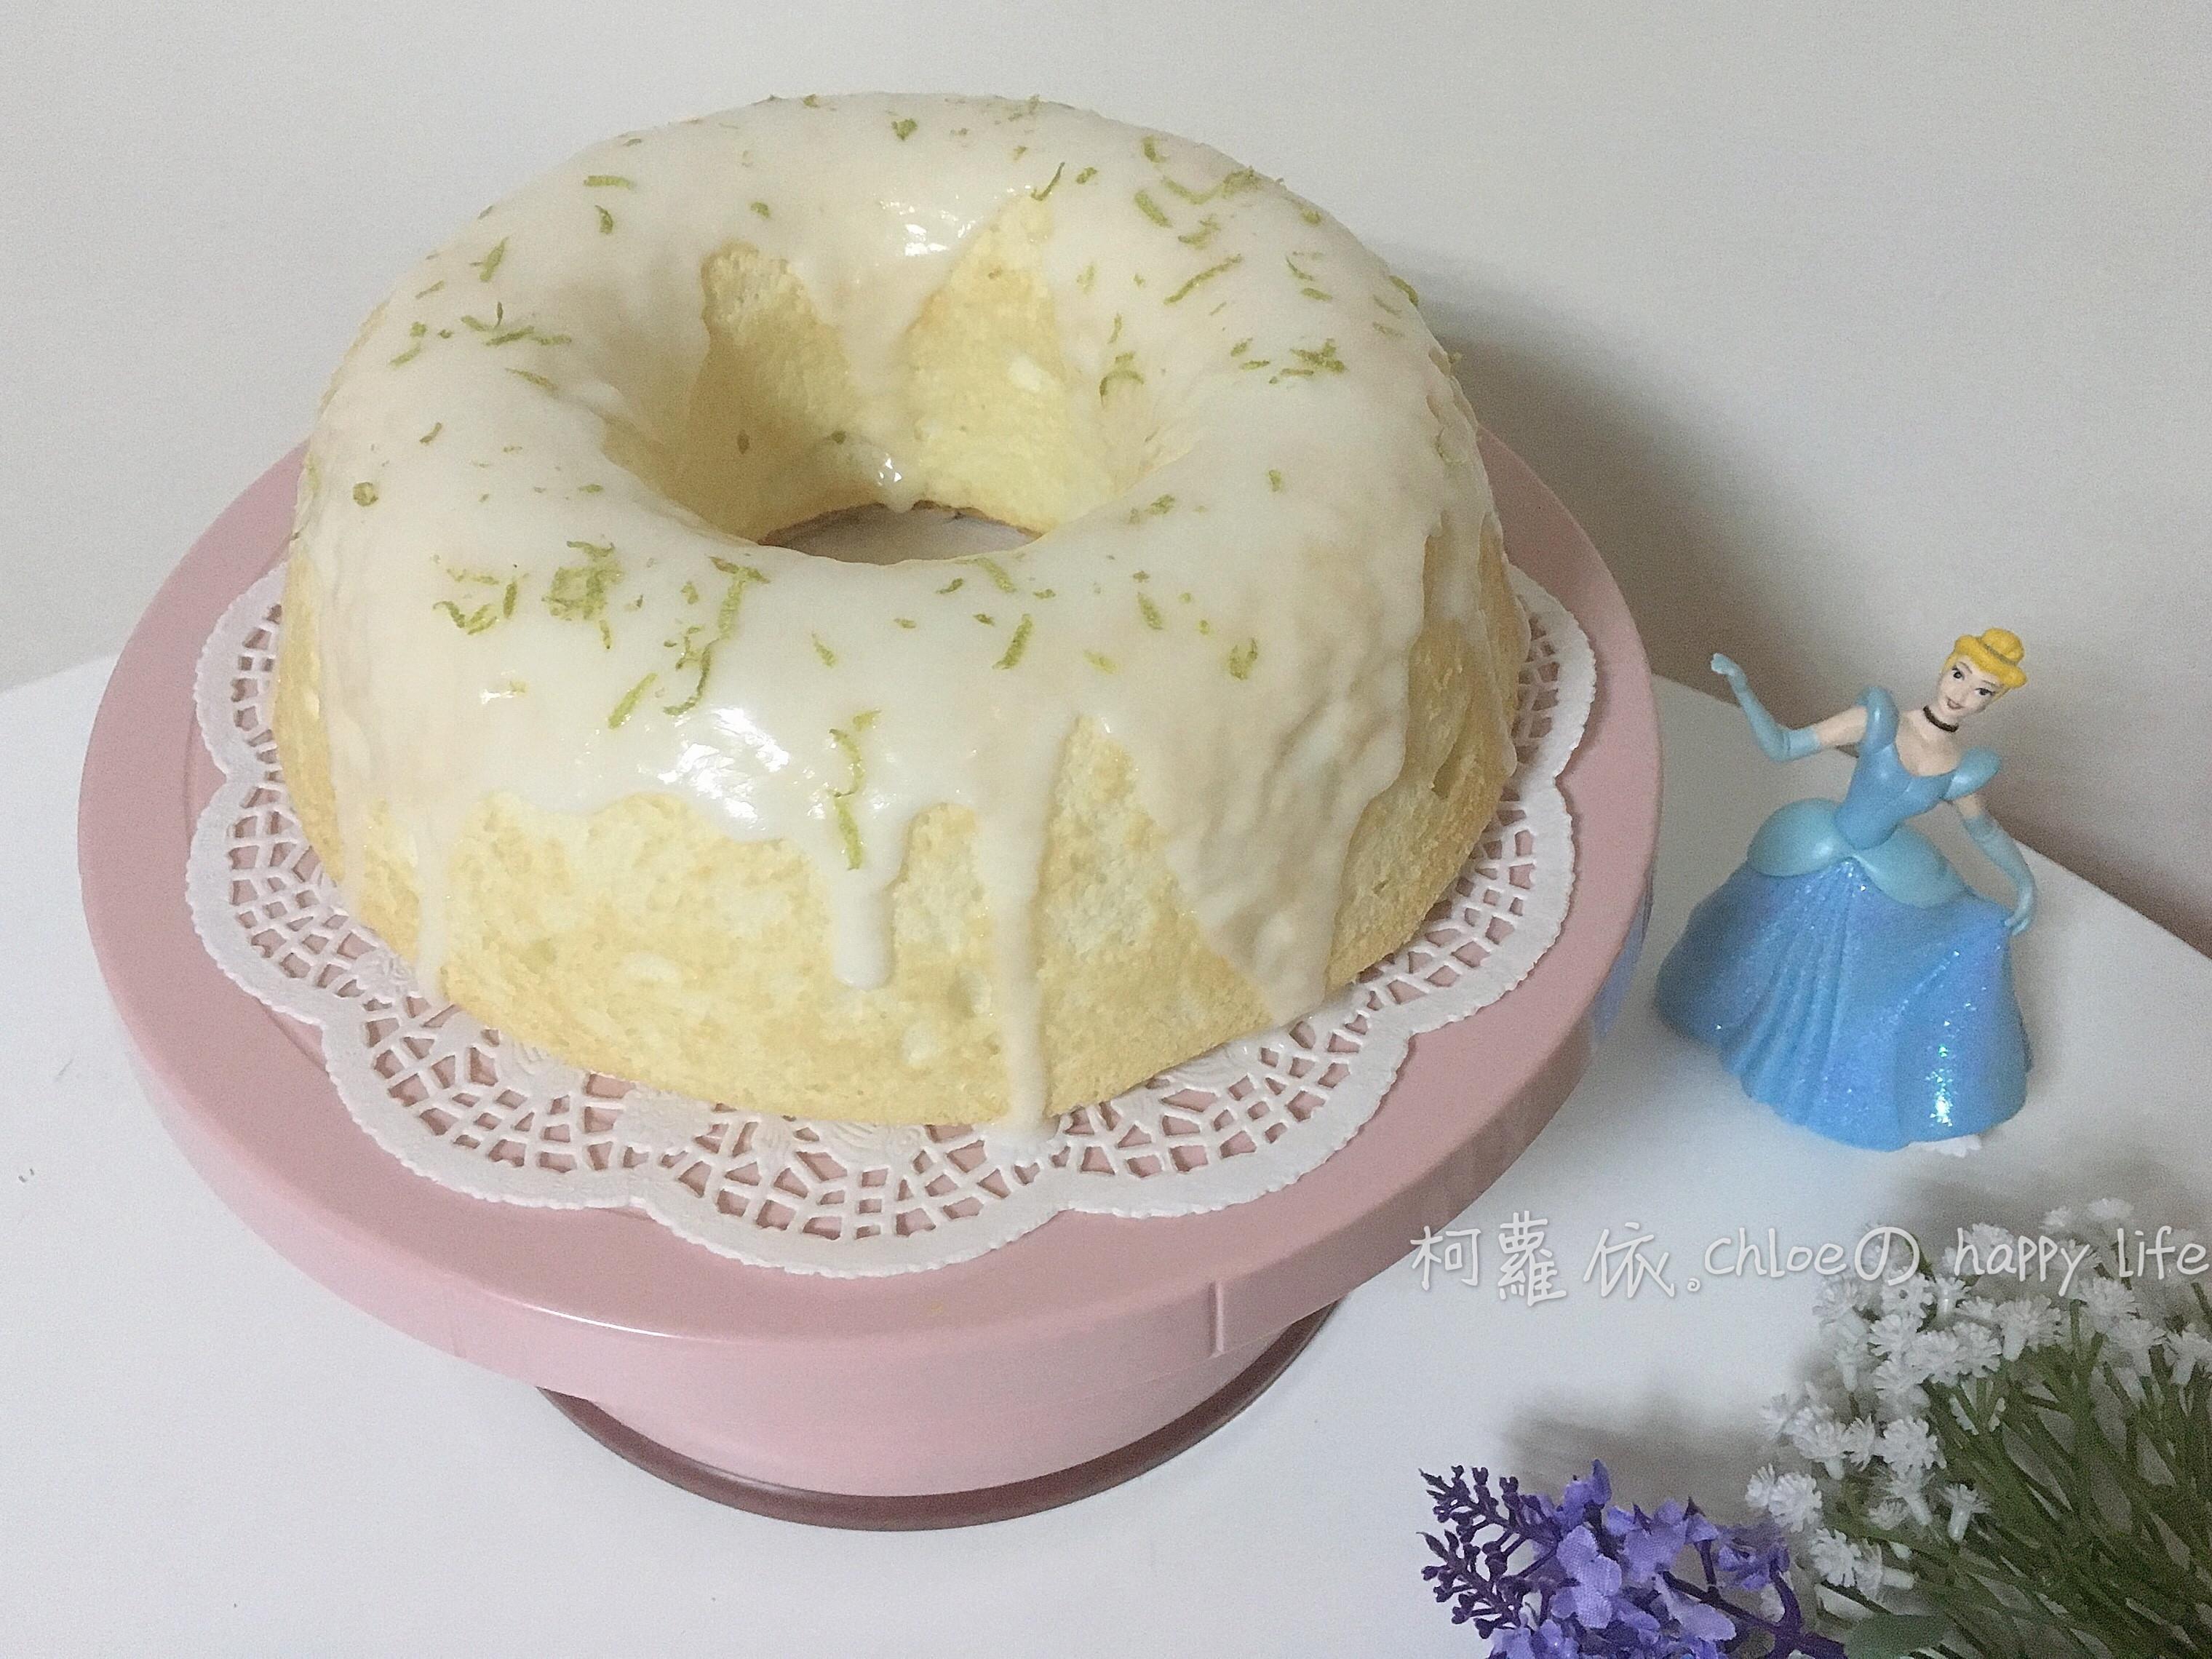 檸檬糖霜天使蛋糕